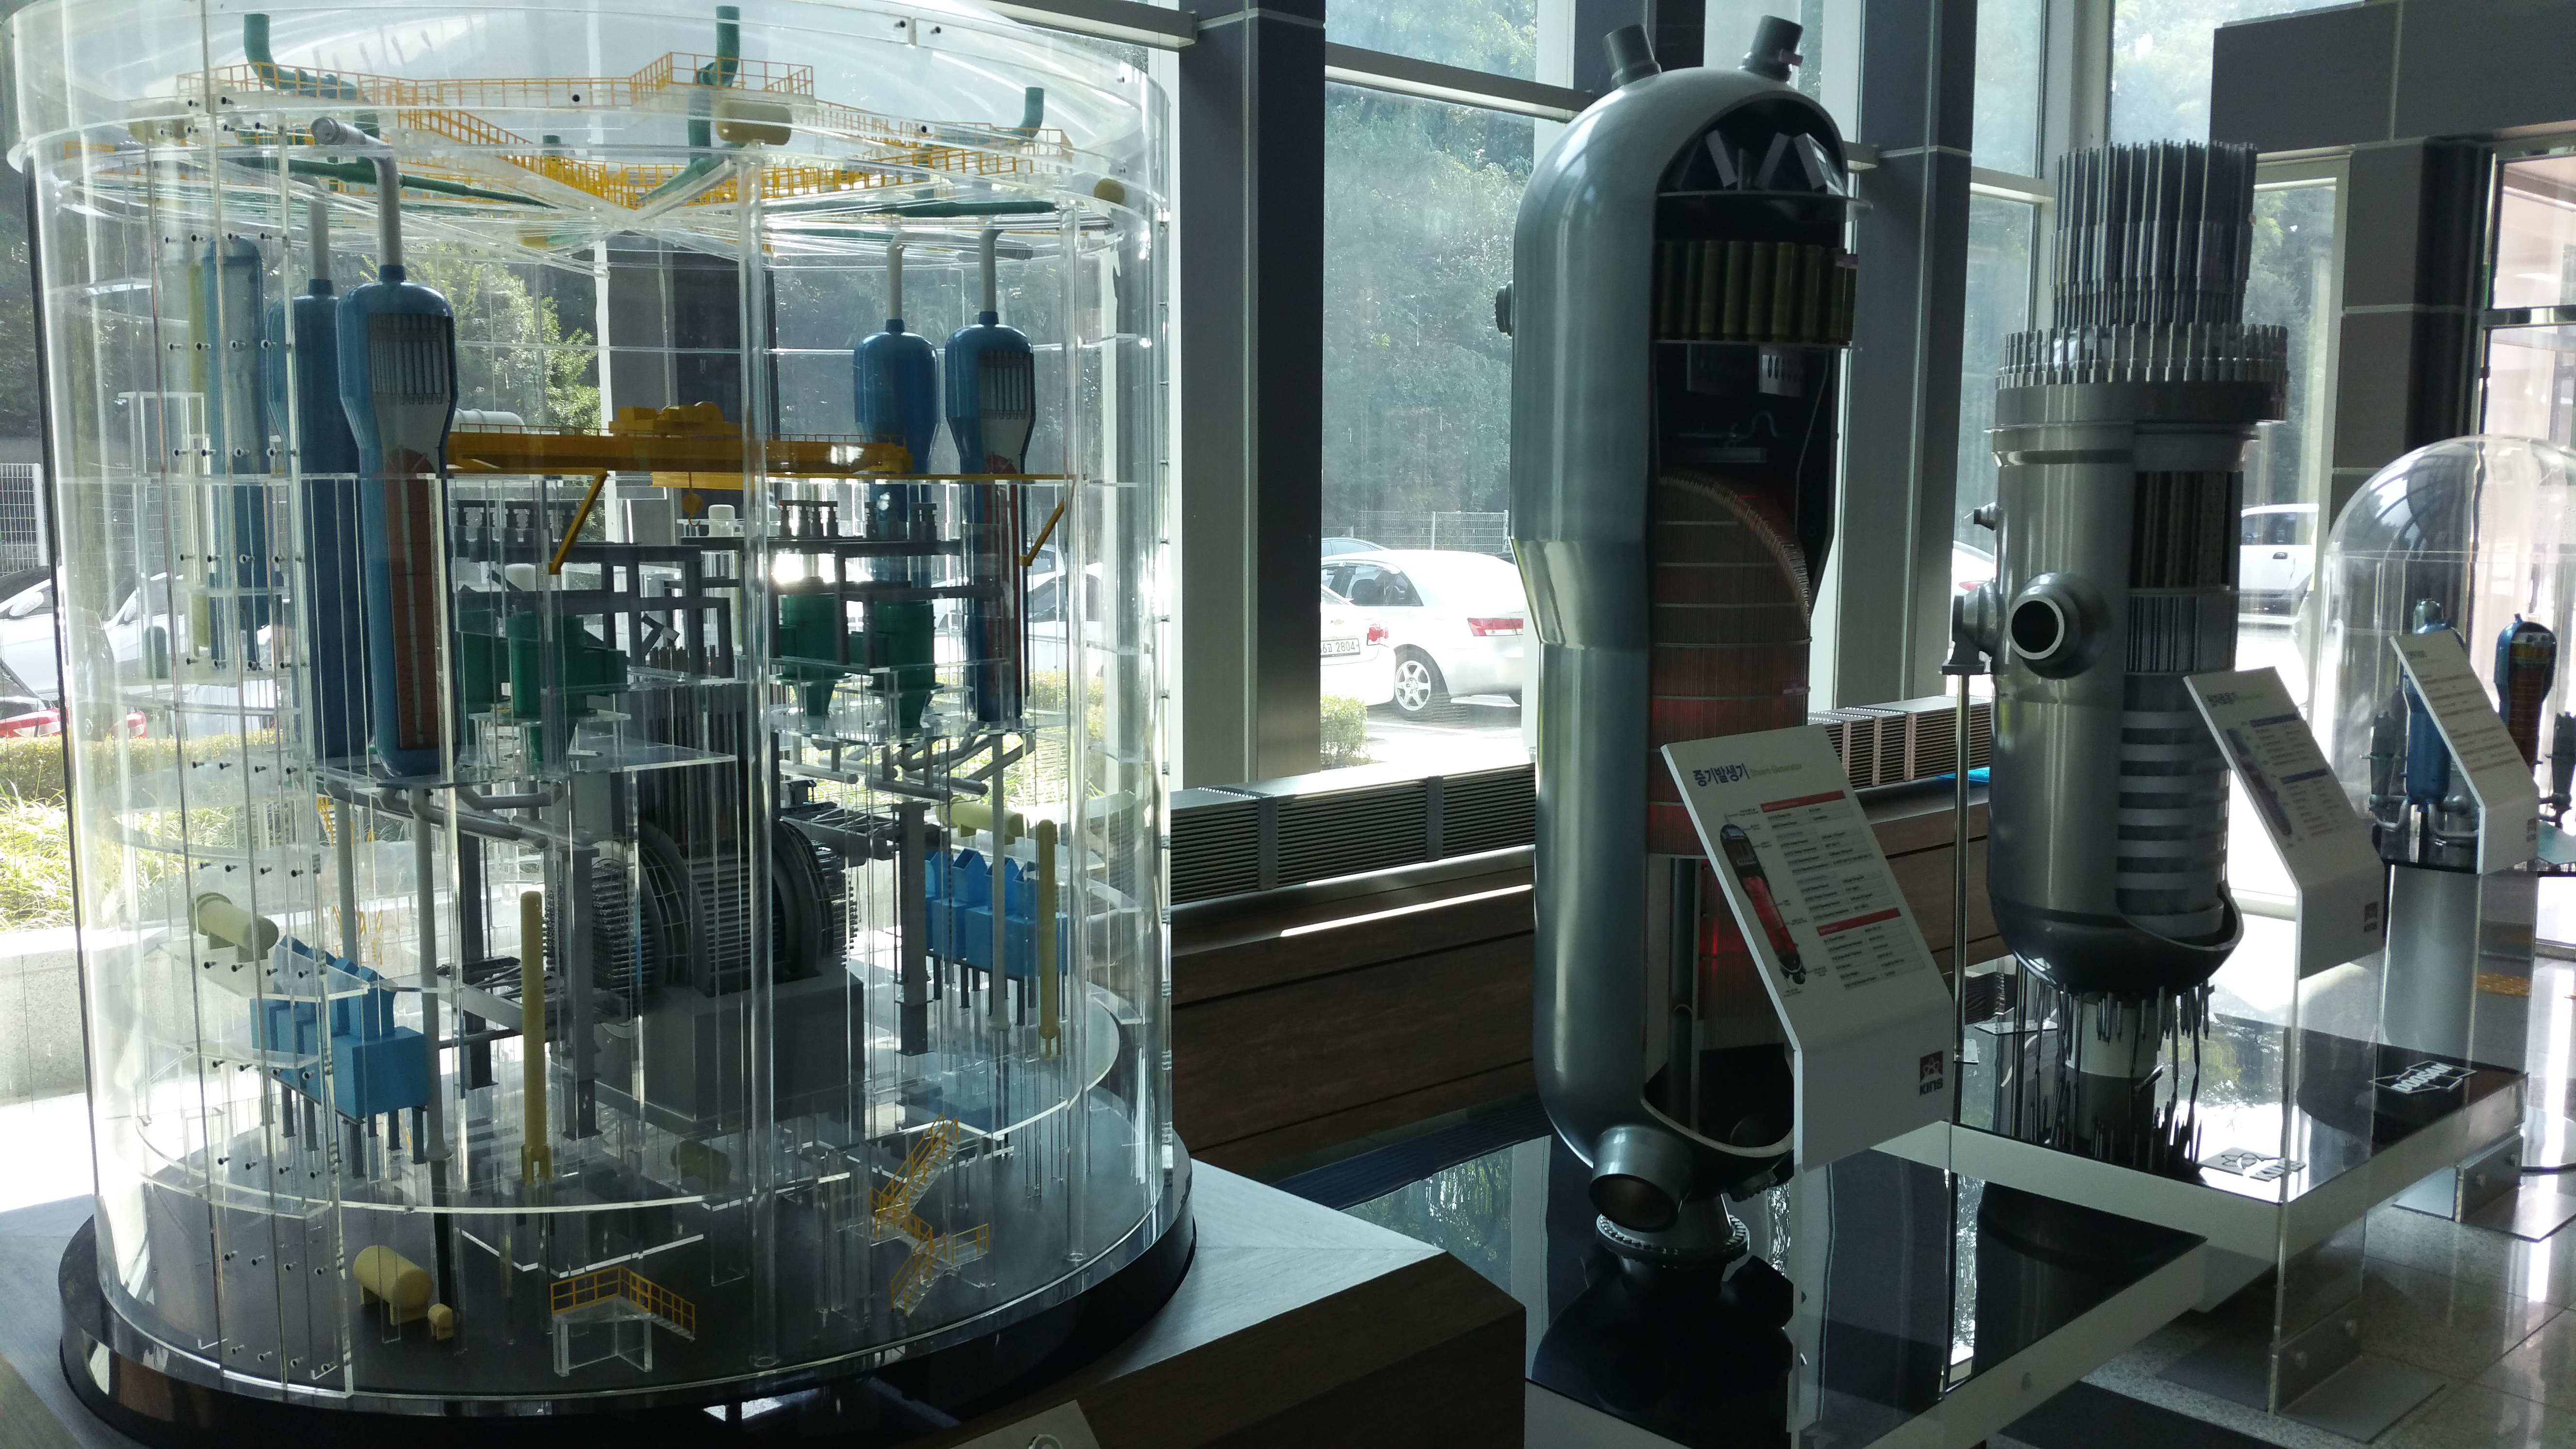 울산 정책기자가 전하는 원전 내진설계